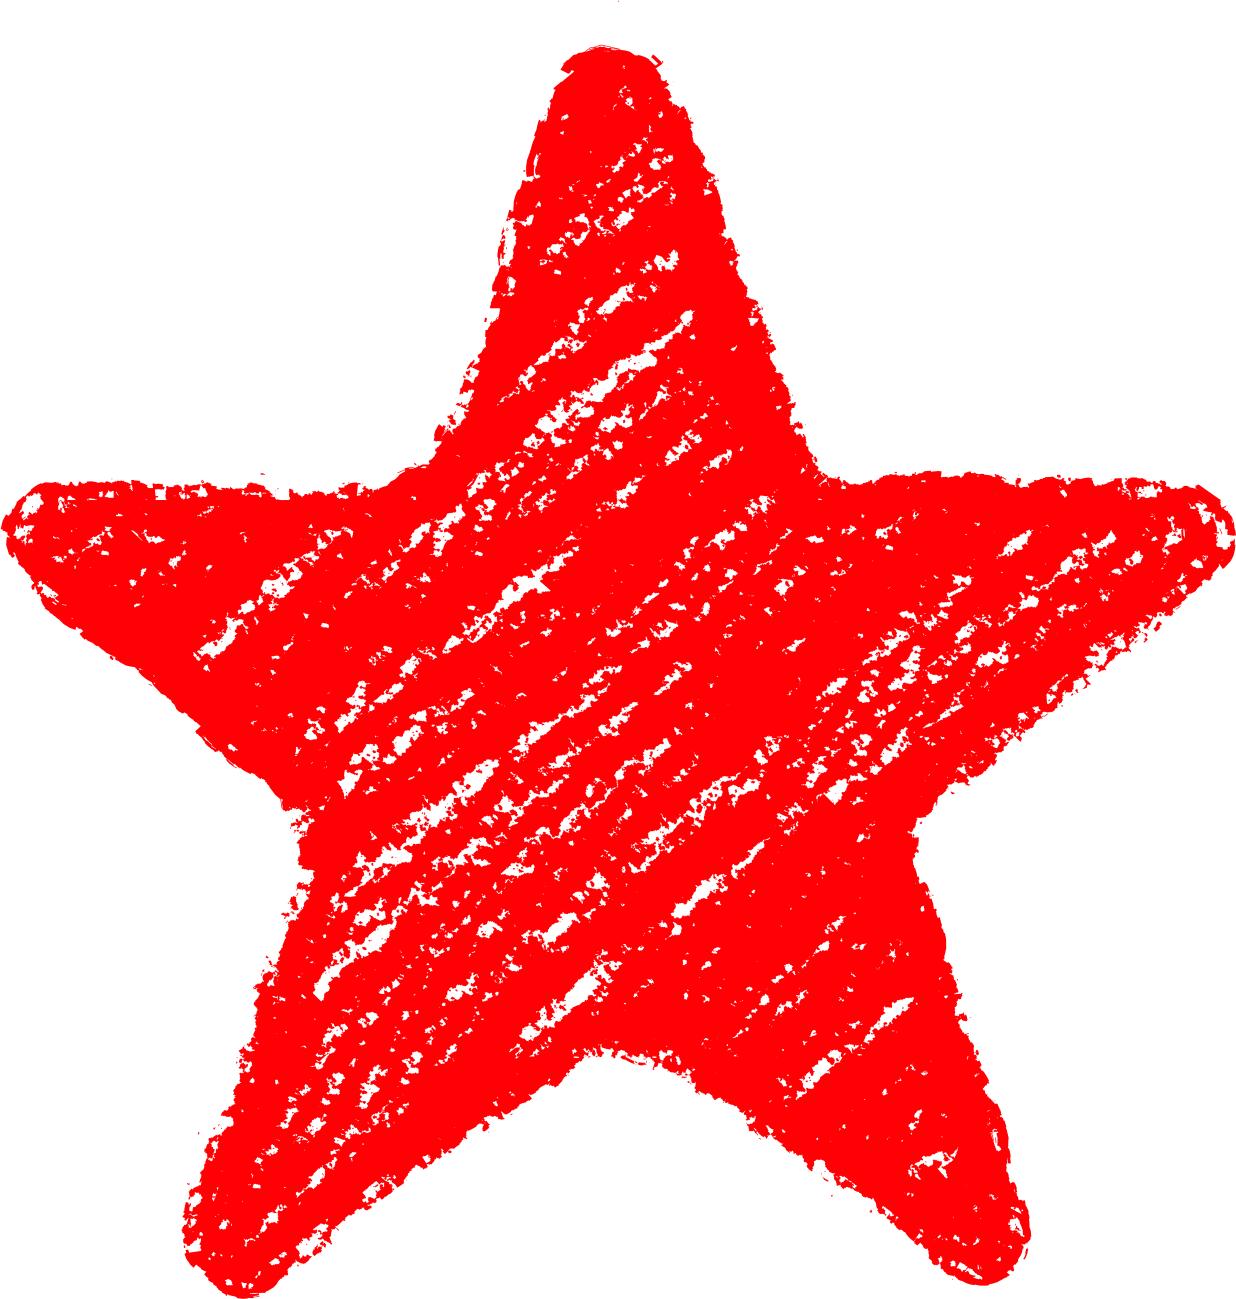 クレヨン塗り背景 赤色 新(レッド)星のイラスト star_red